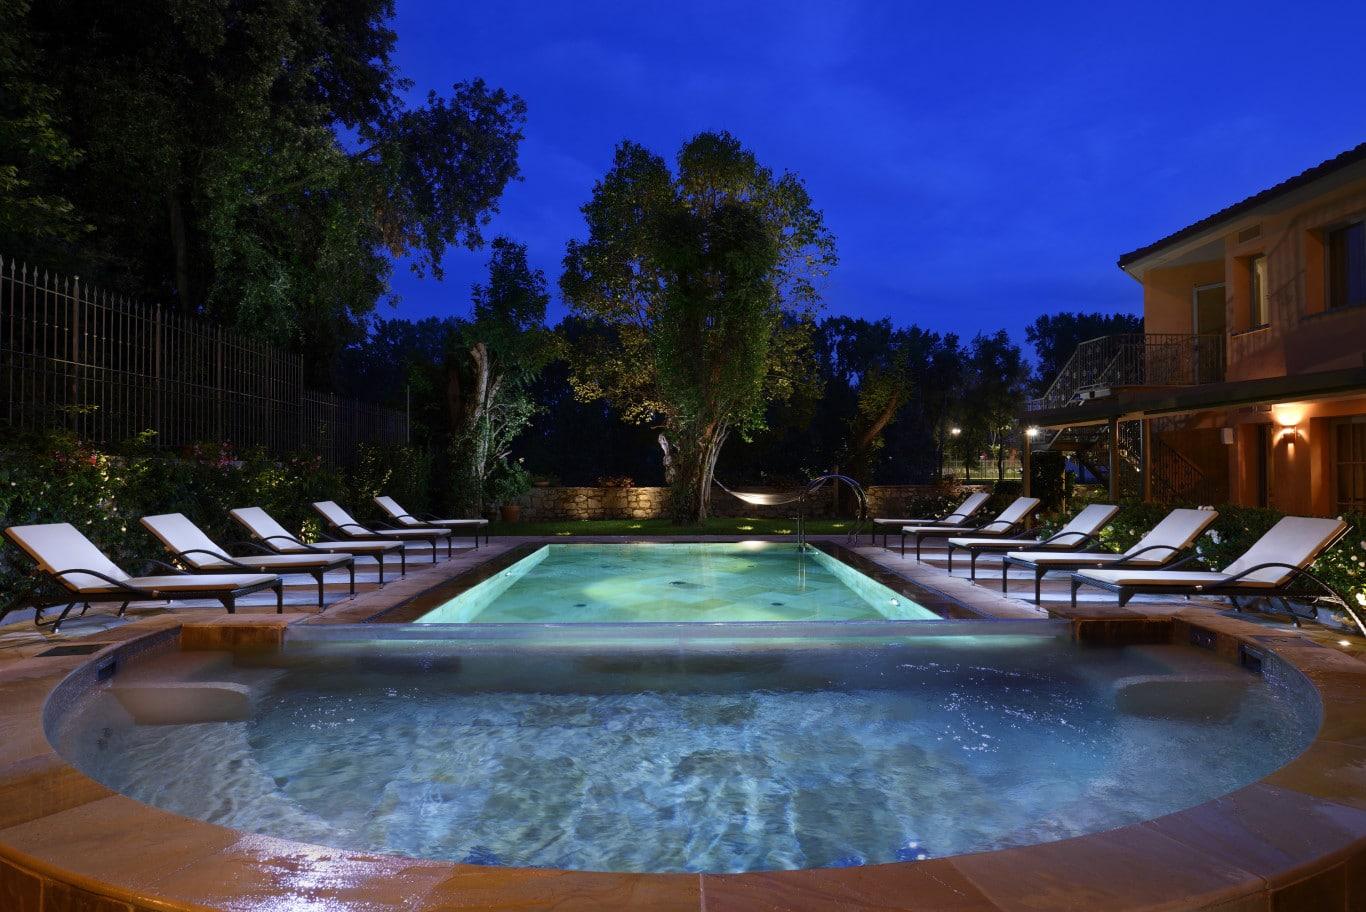 Hotel Ville Sull Arno Firenze Area Events